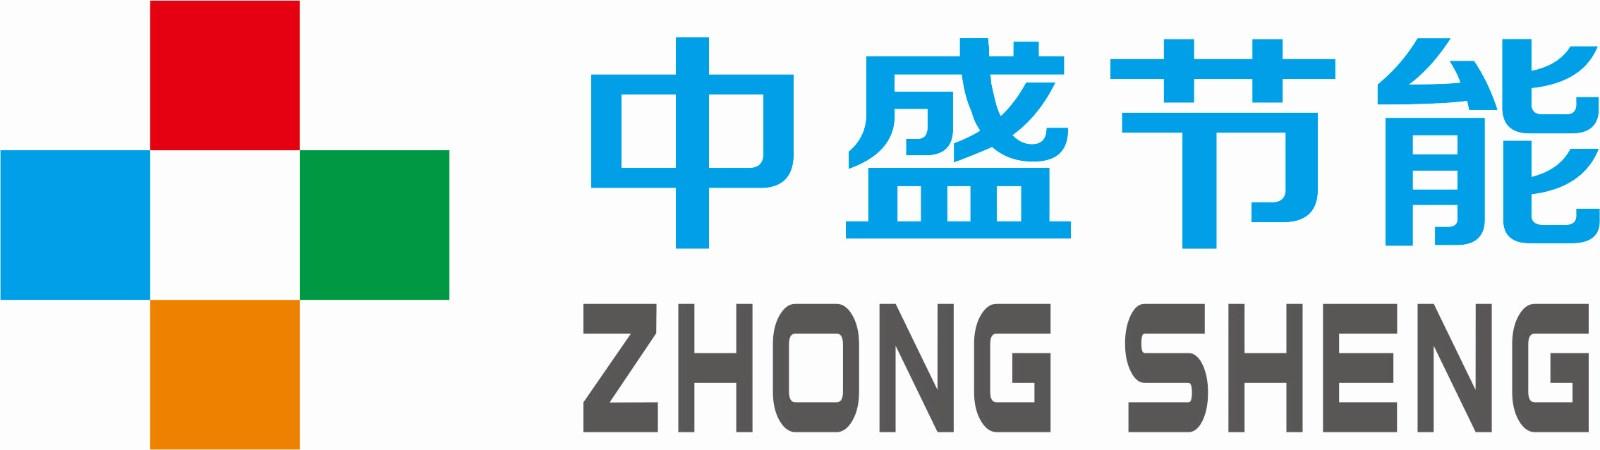 西安中盛节能科技有限公司